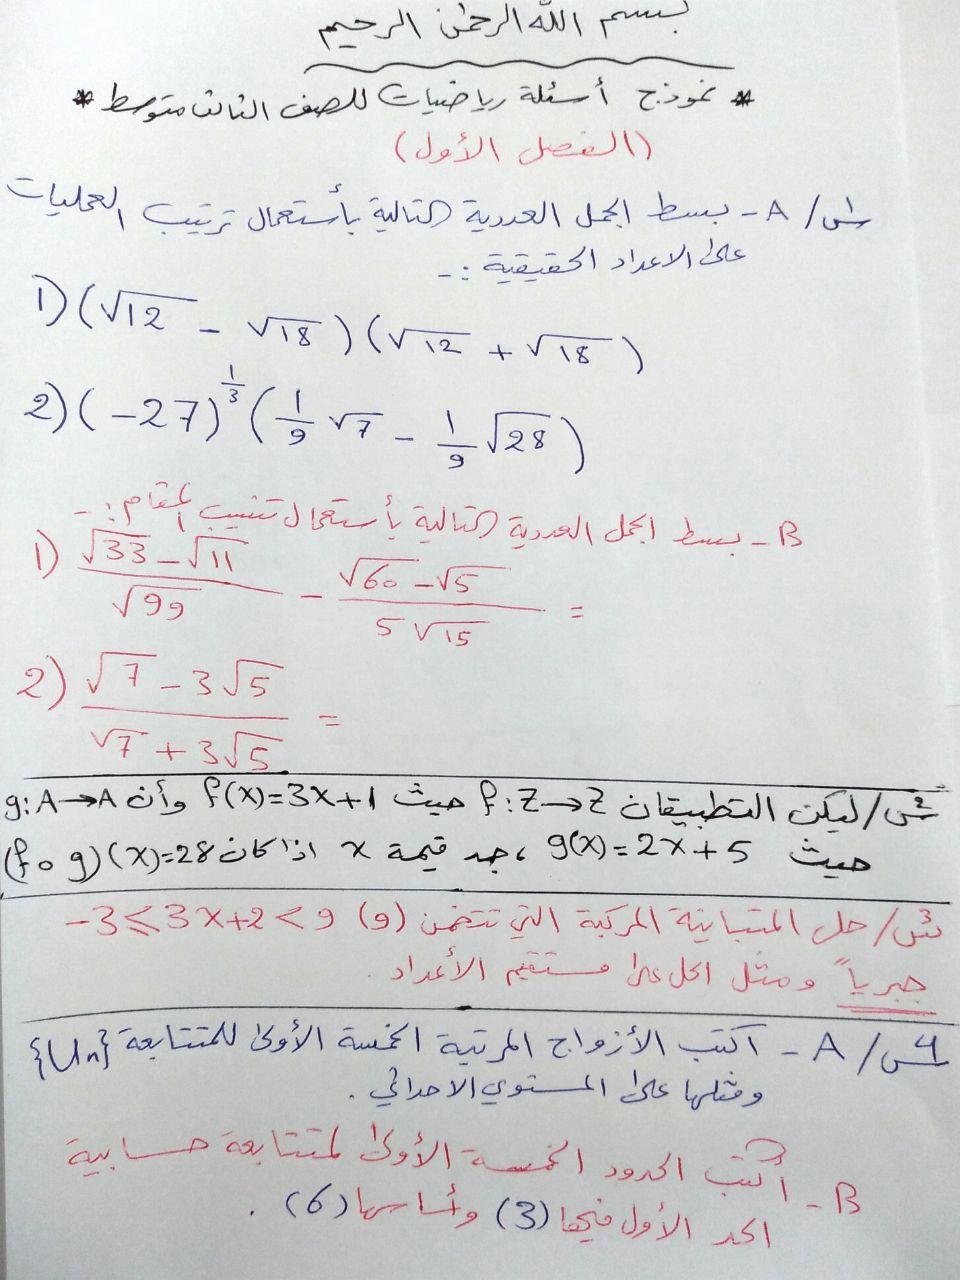 اسئلة الشهر الاول امتحان رياضيات 2021 ثالث متوسط مع الاجوبة الفصل الاول مهمة جدا اهلا بكم متابعي موقع وقناة الاستاذ احمد مهدي شلال In 2021 Bullet Journal Math Journal